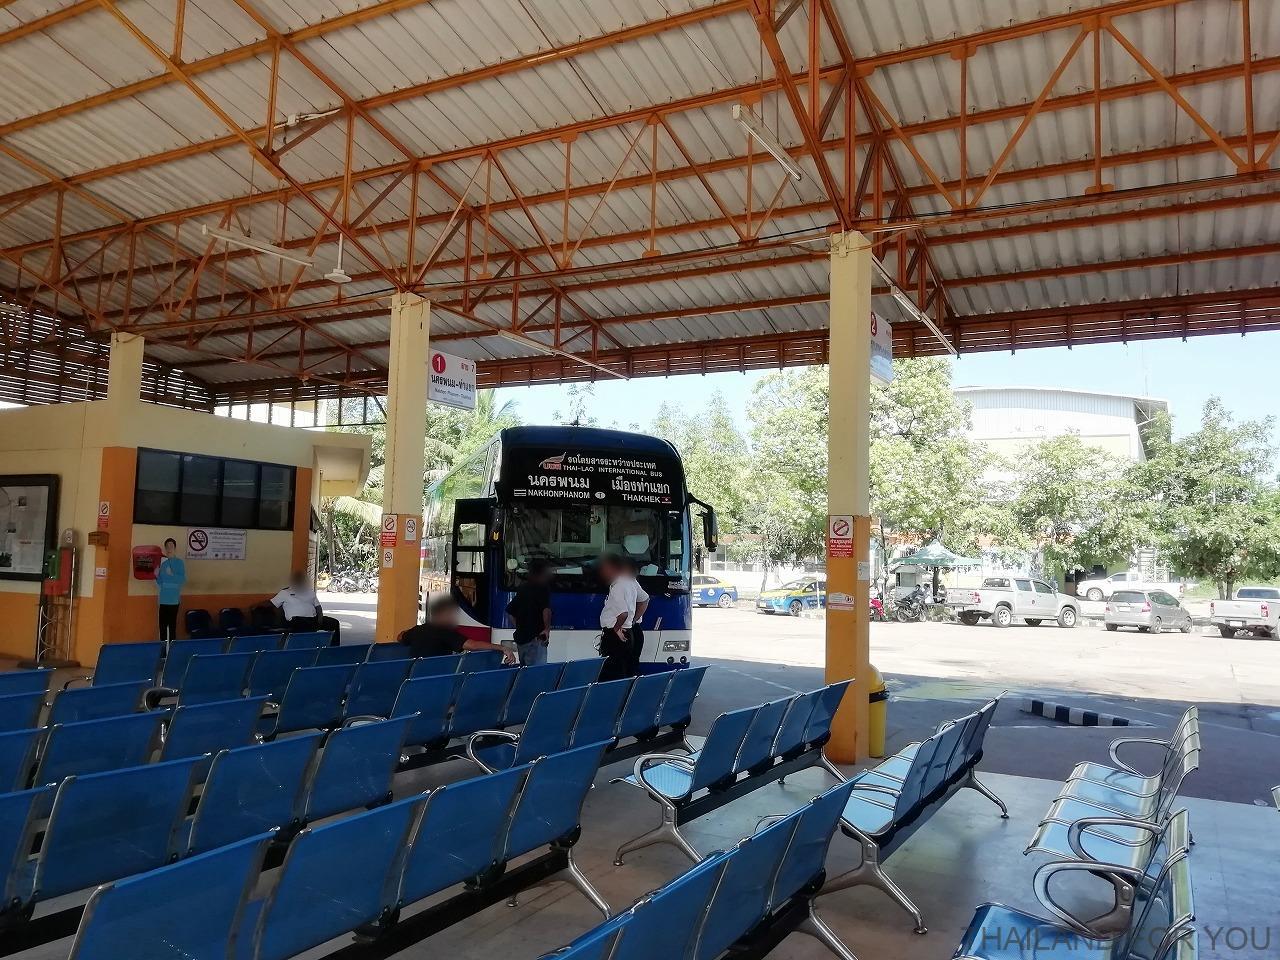 ナコンパノム バスターミナル ターケーク バス